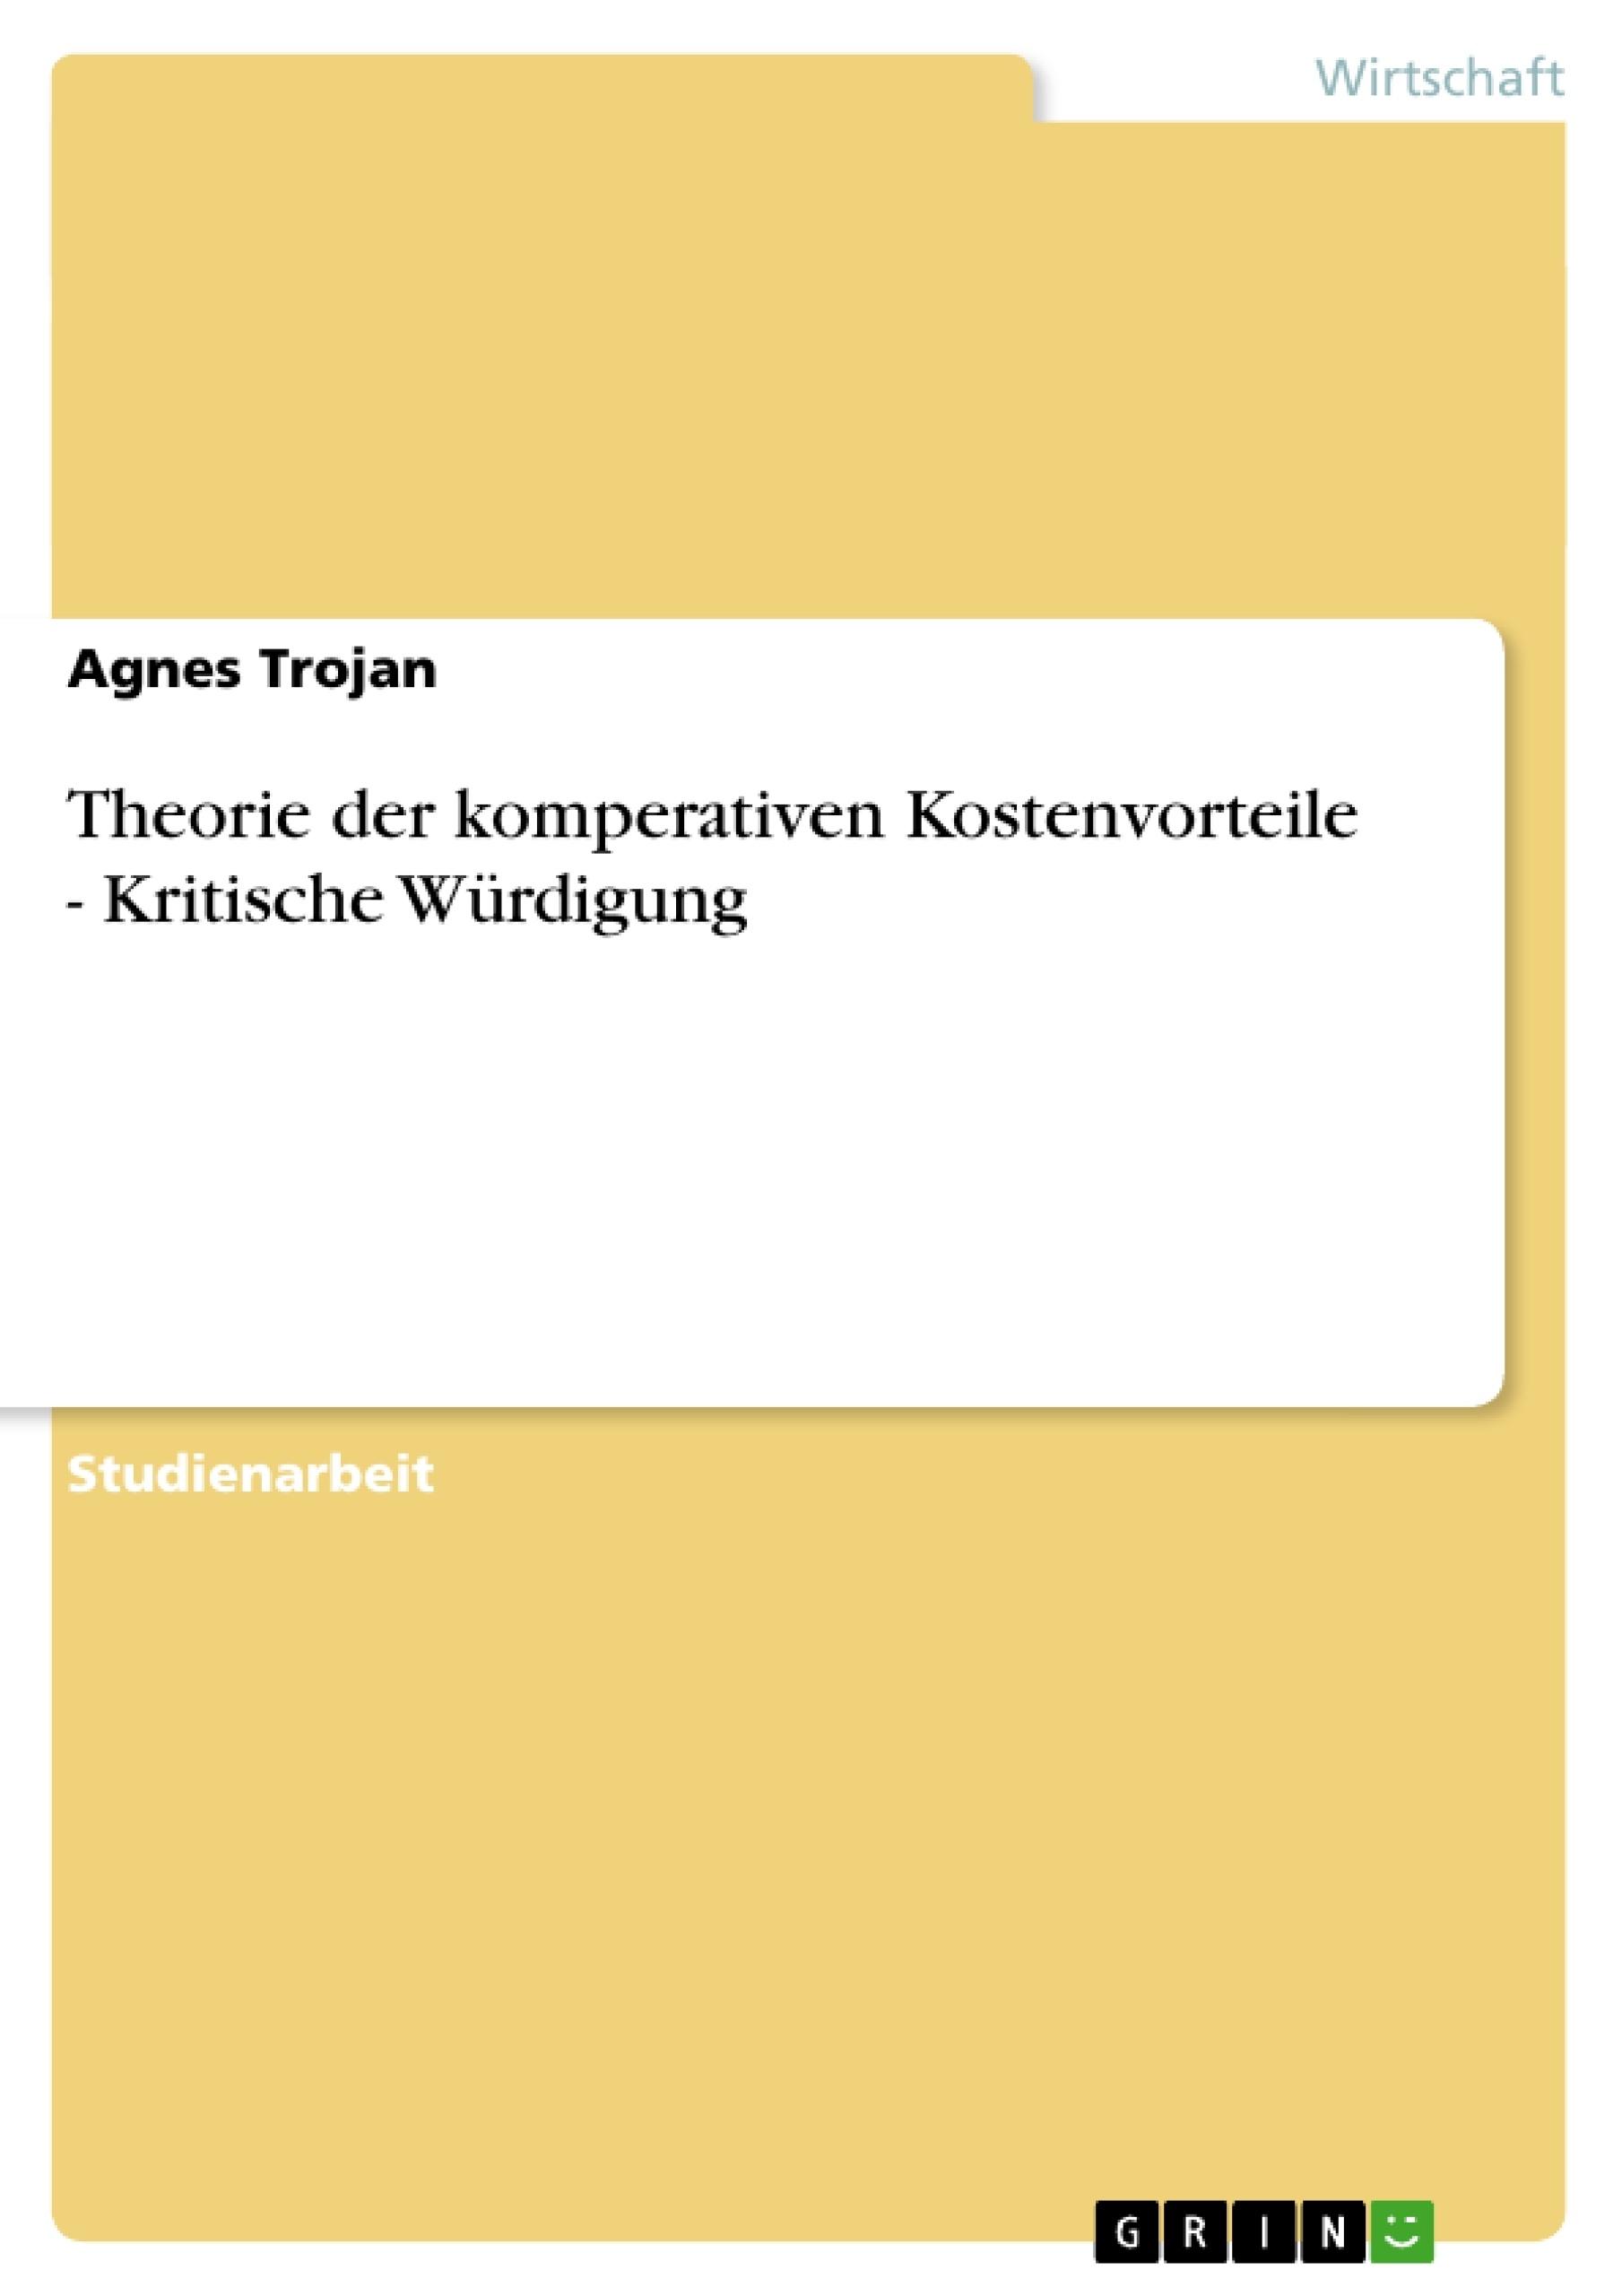 Titel: Theorie der komperativen Kostenvorteile - Kritische Würdigung